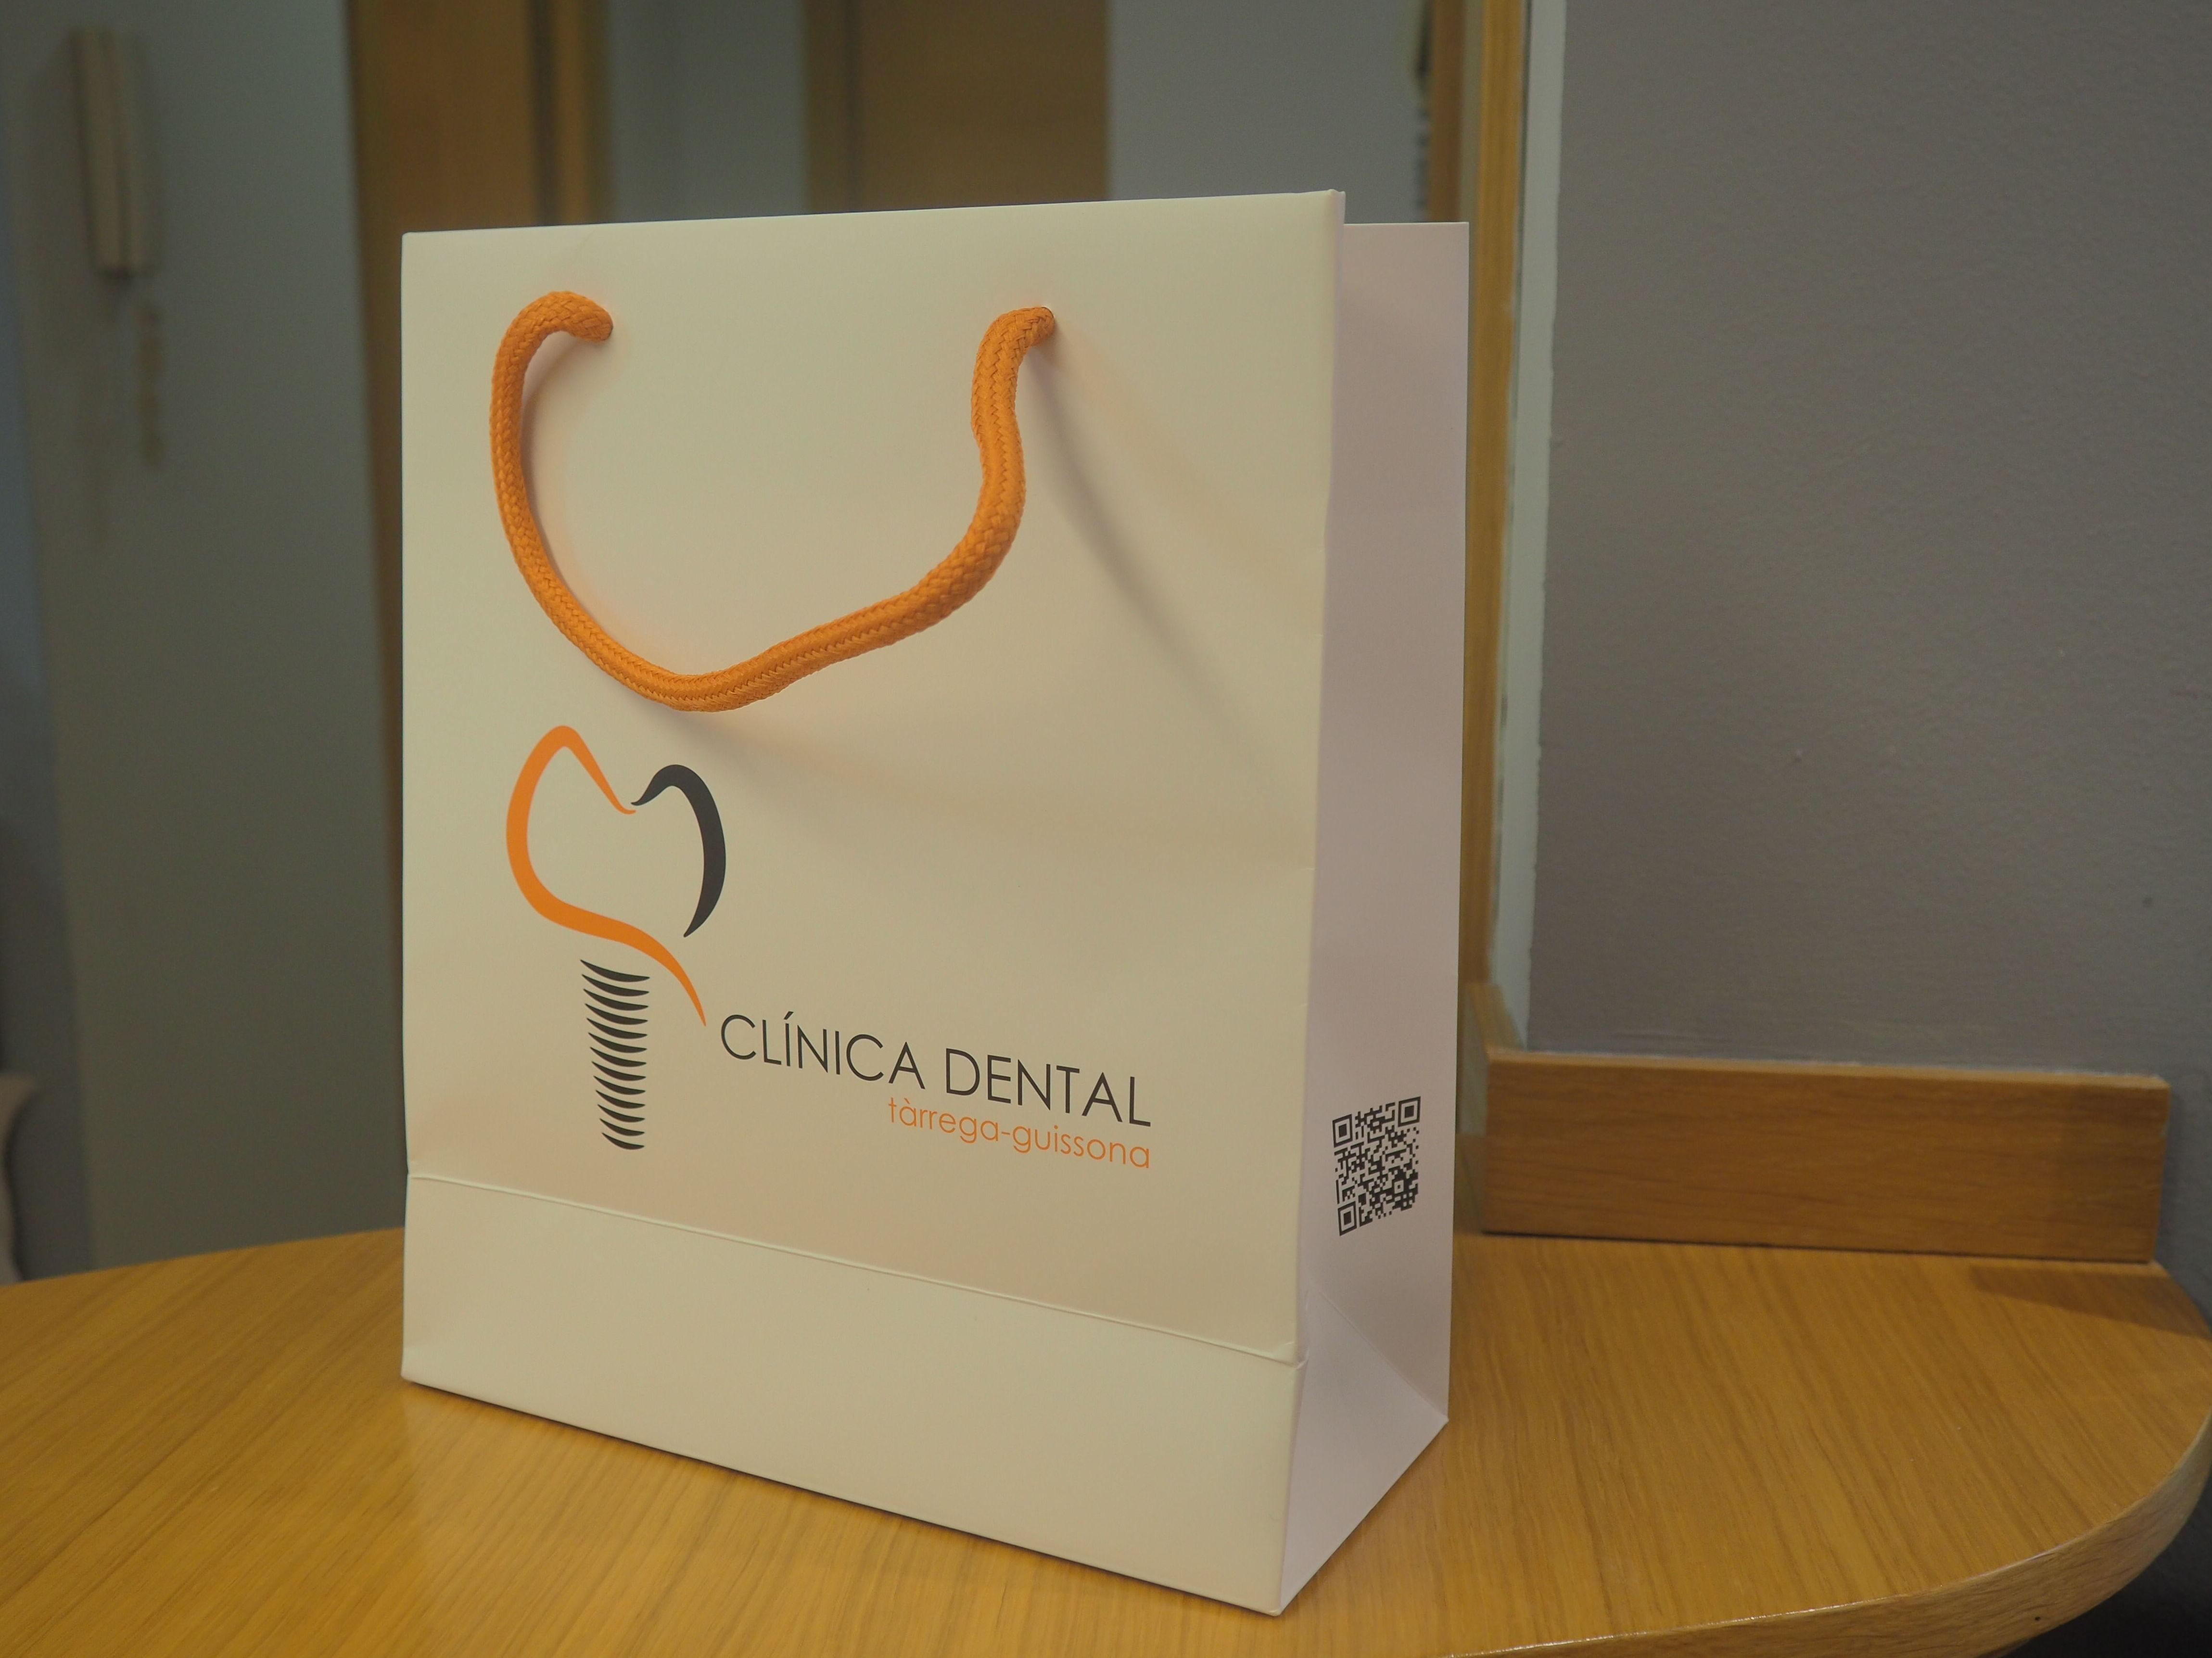 Foto 2 de Clínicas dentales en Tàrrega | Clínica Dental Tàrrega - Guissona